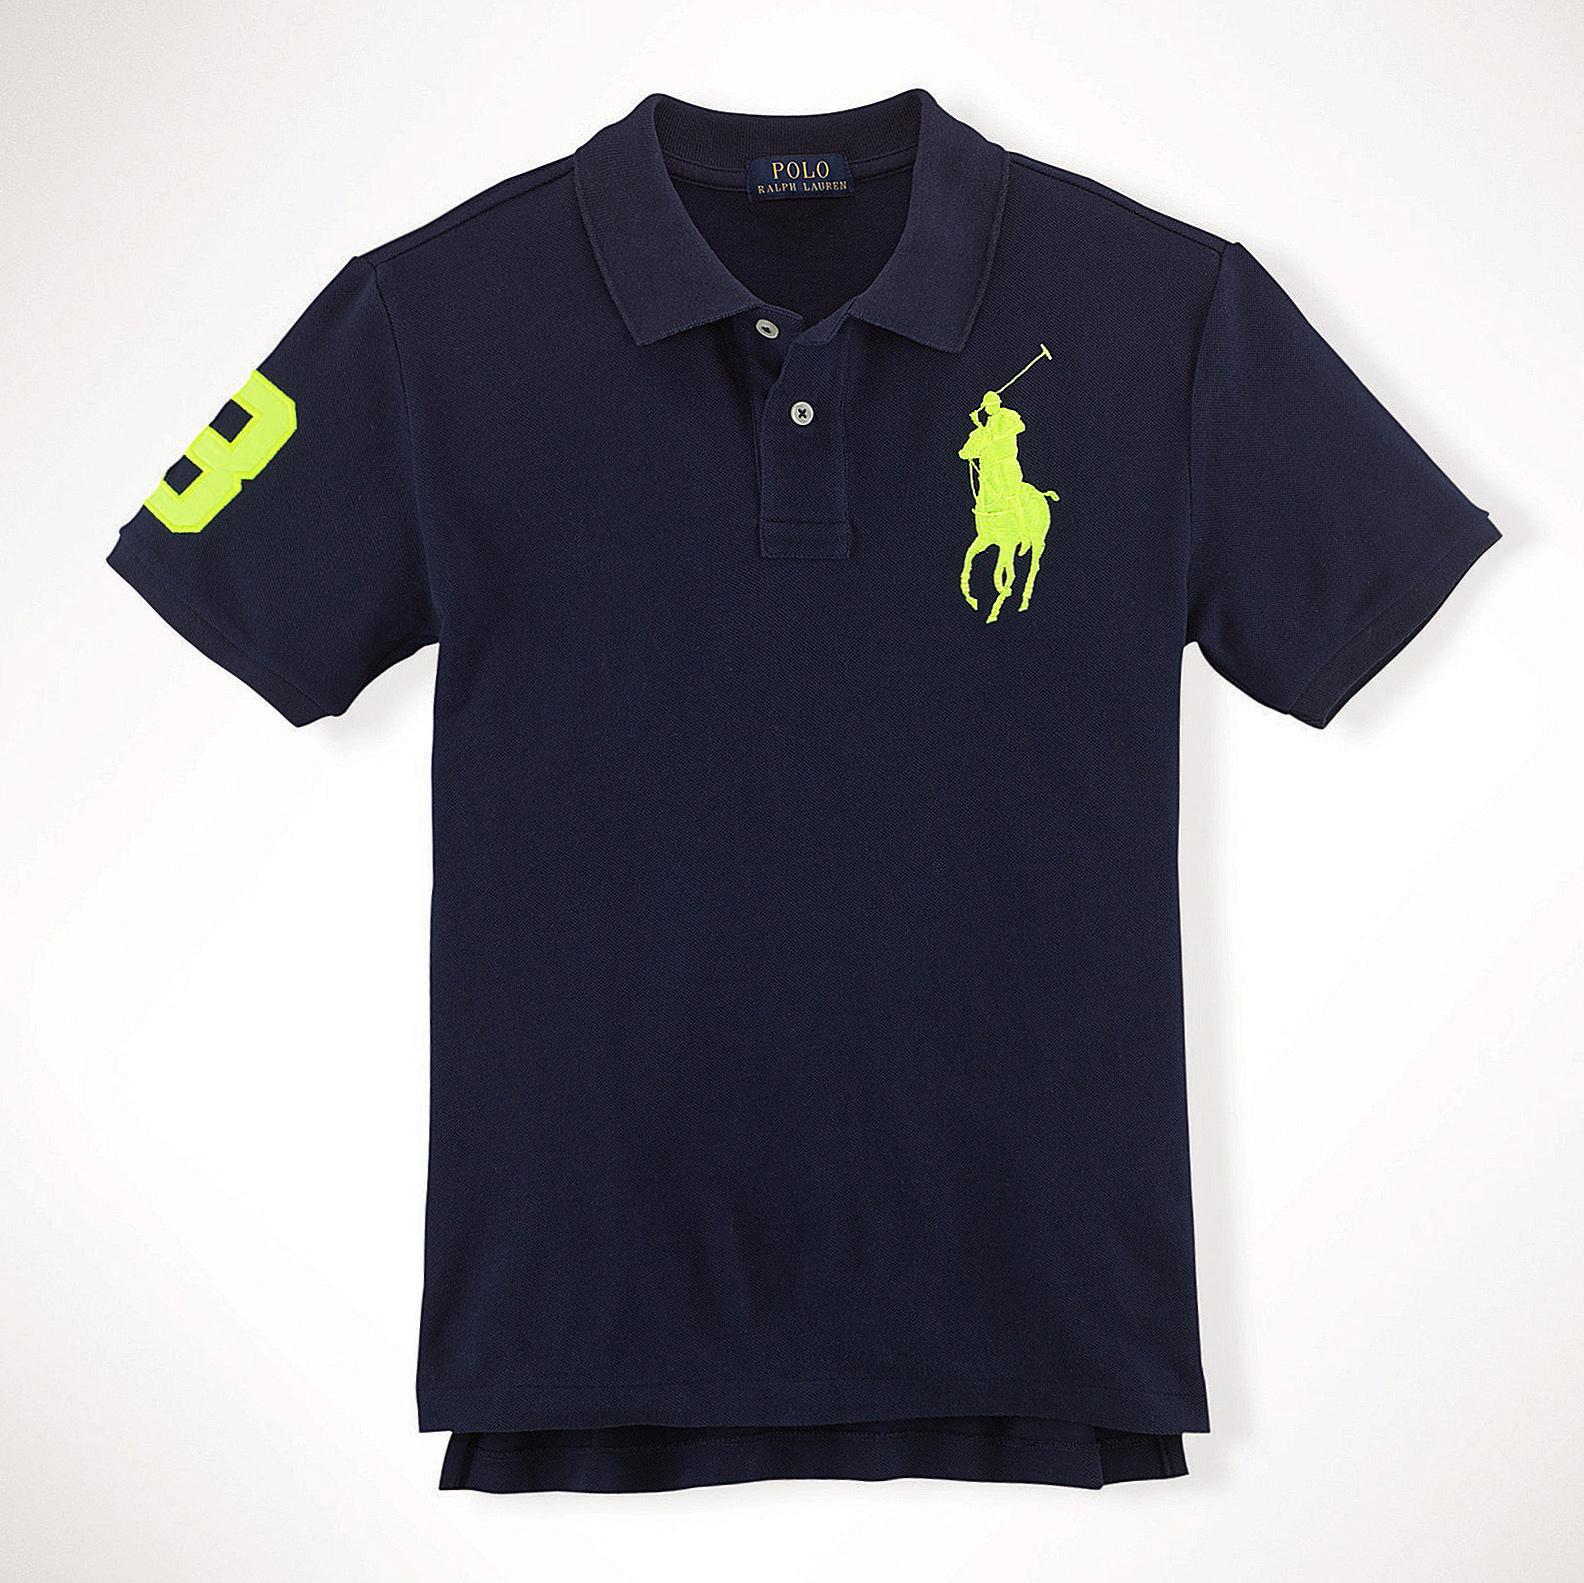 美國百分百【Ralph Lauren】Polo 衫 RL 短袖 網眼 大馬 素面 深藍 螢光綠 男 S XS號 B003